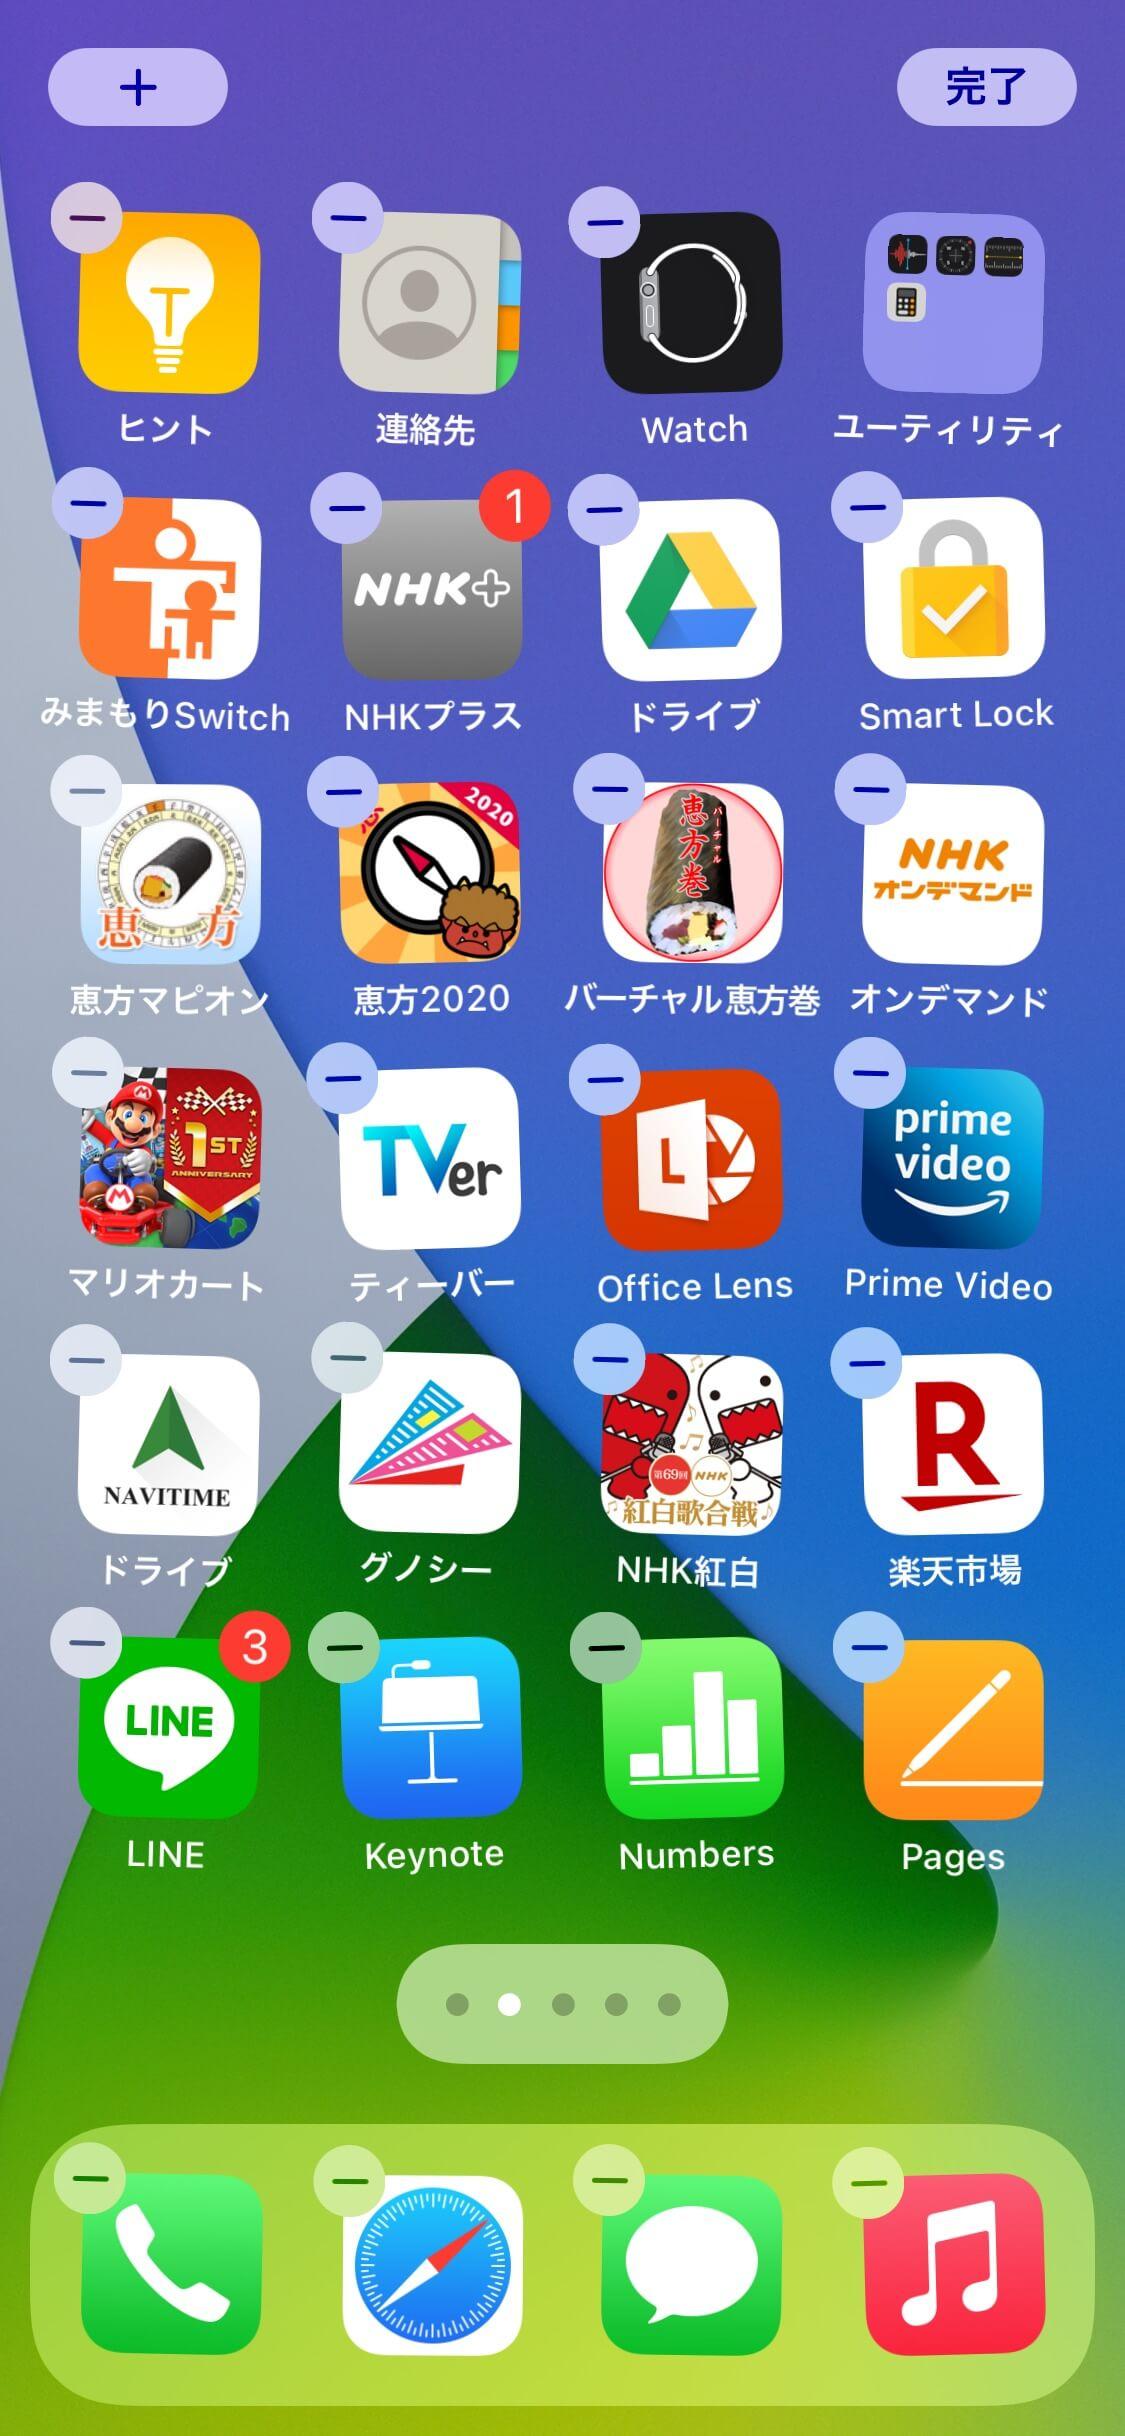 【iOS 14】「アイコン長押し」はもう古い! iPhoneのホーム画面の編集を簡単にする小ワザ